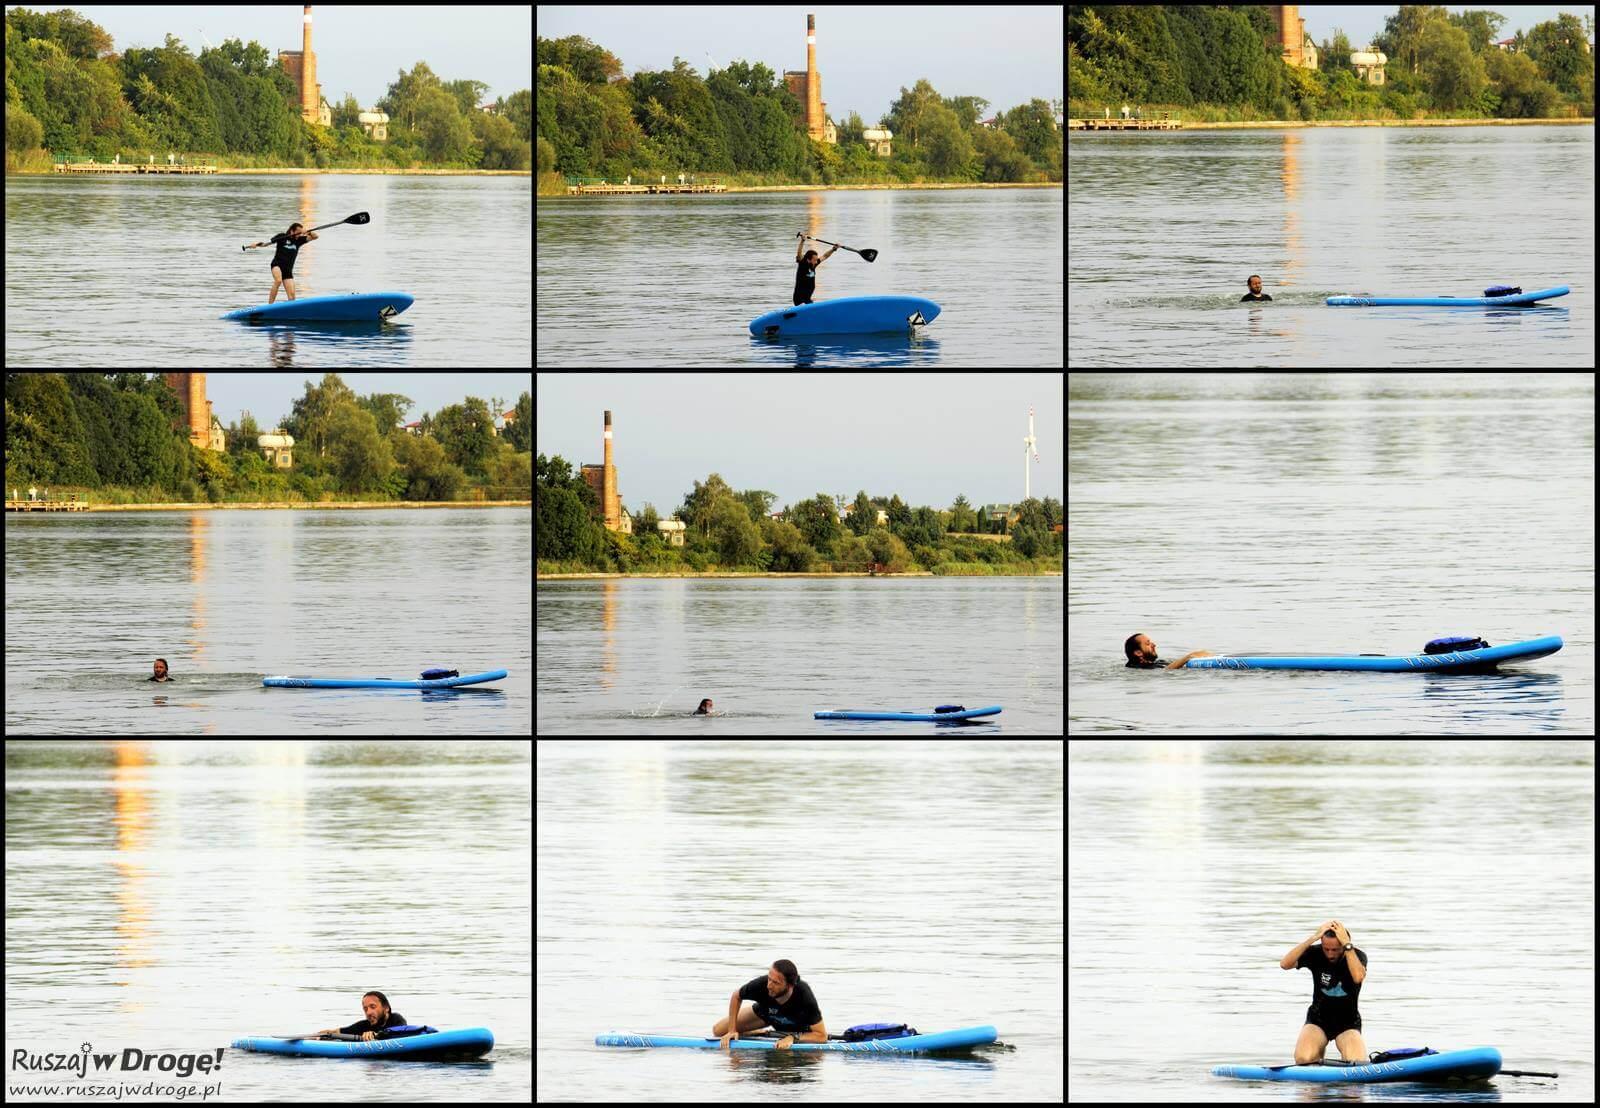 Stand Up Paddle - jakoś trzeba było prowokować tę mało dynamiczną dyscyplinę! fot.www.ruszajwdroge.pl